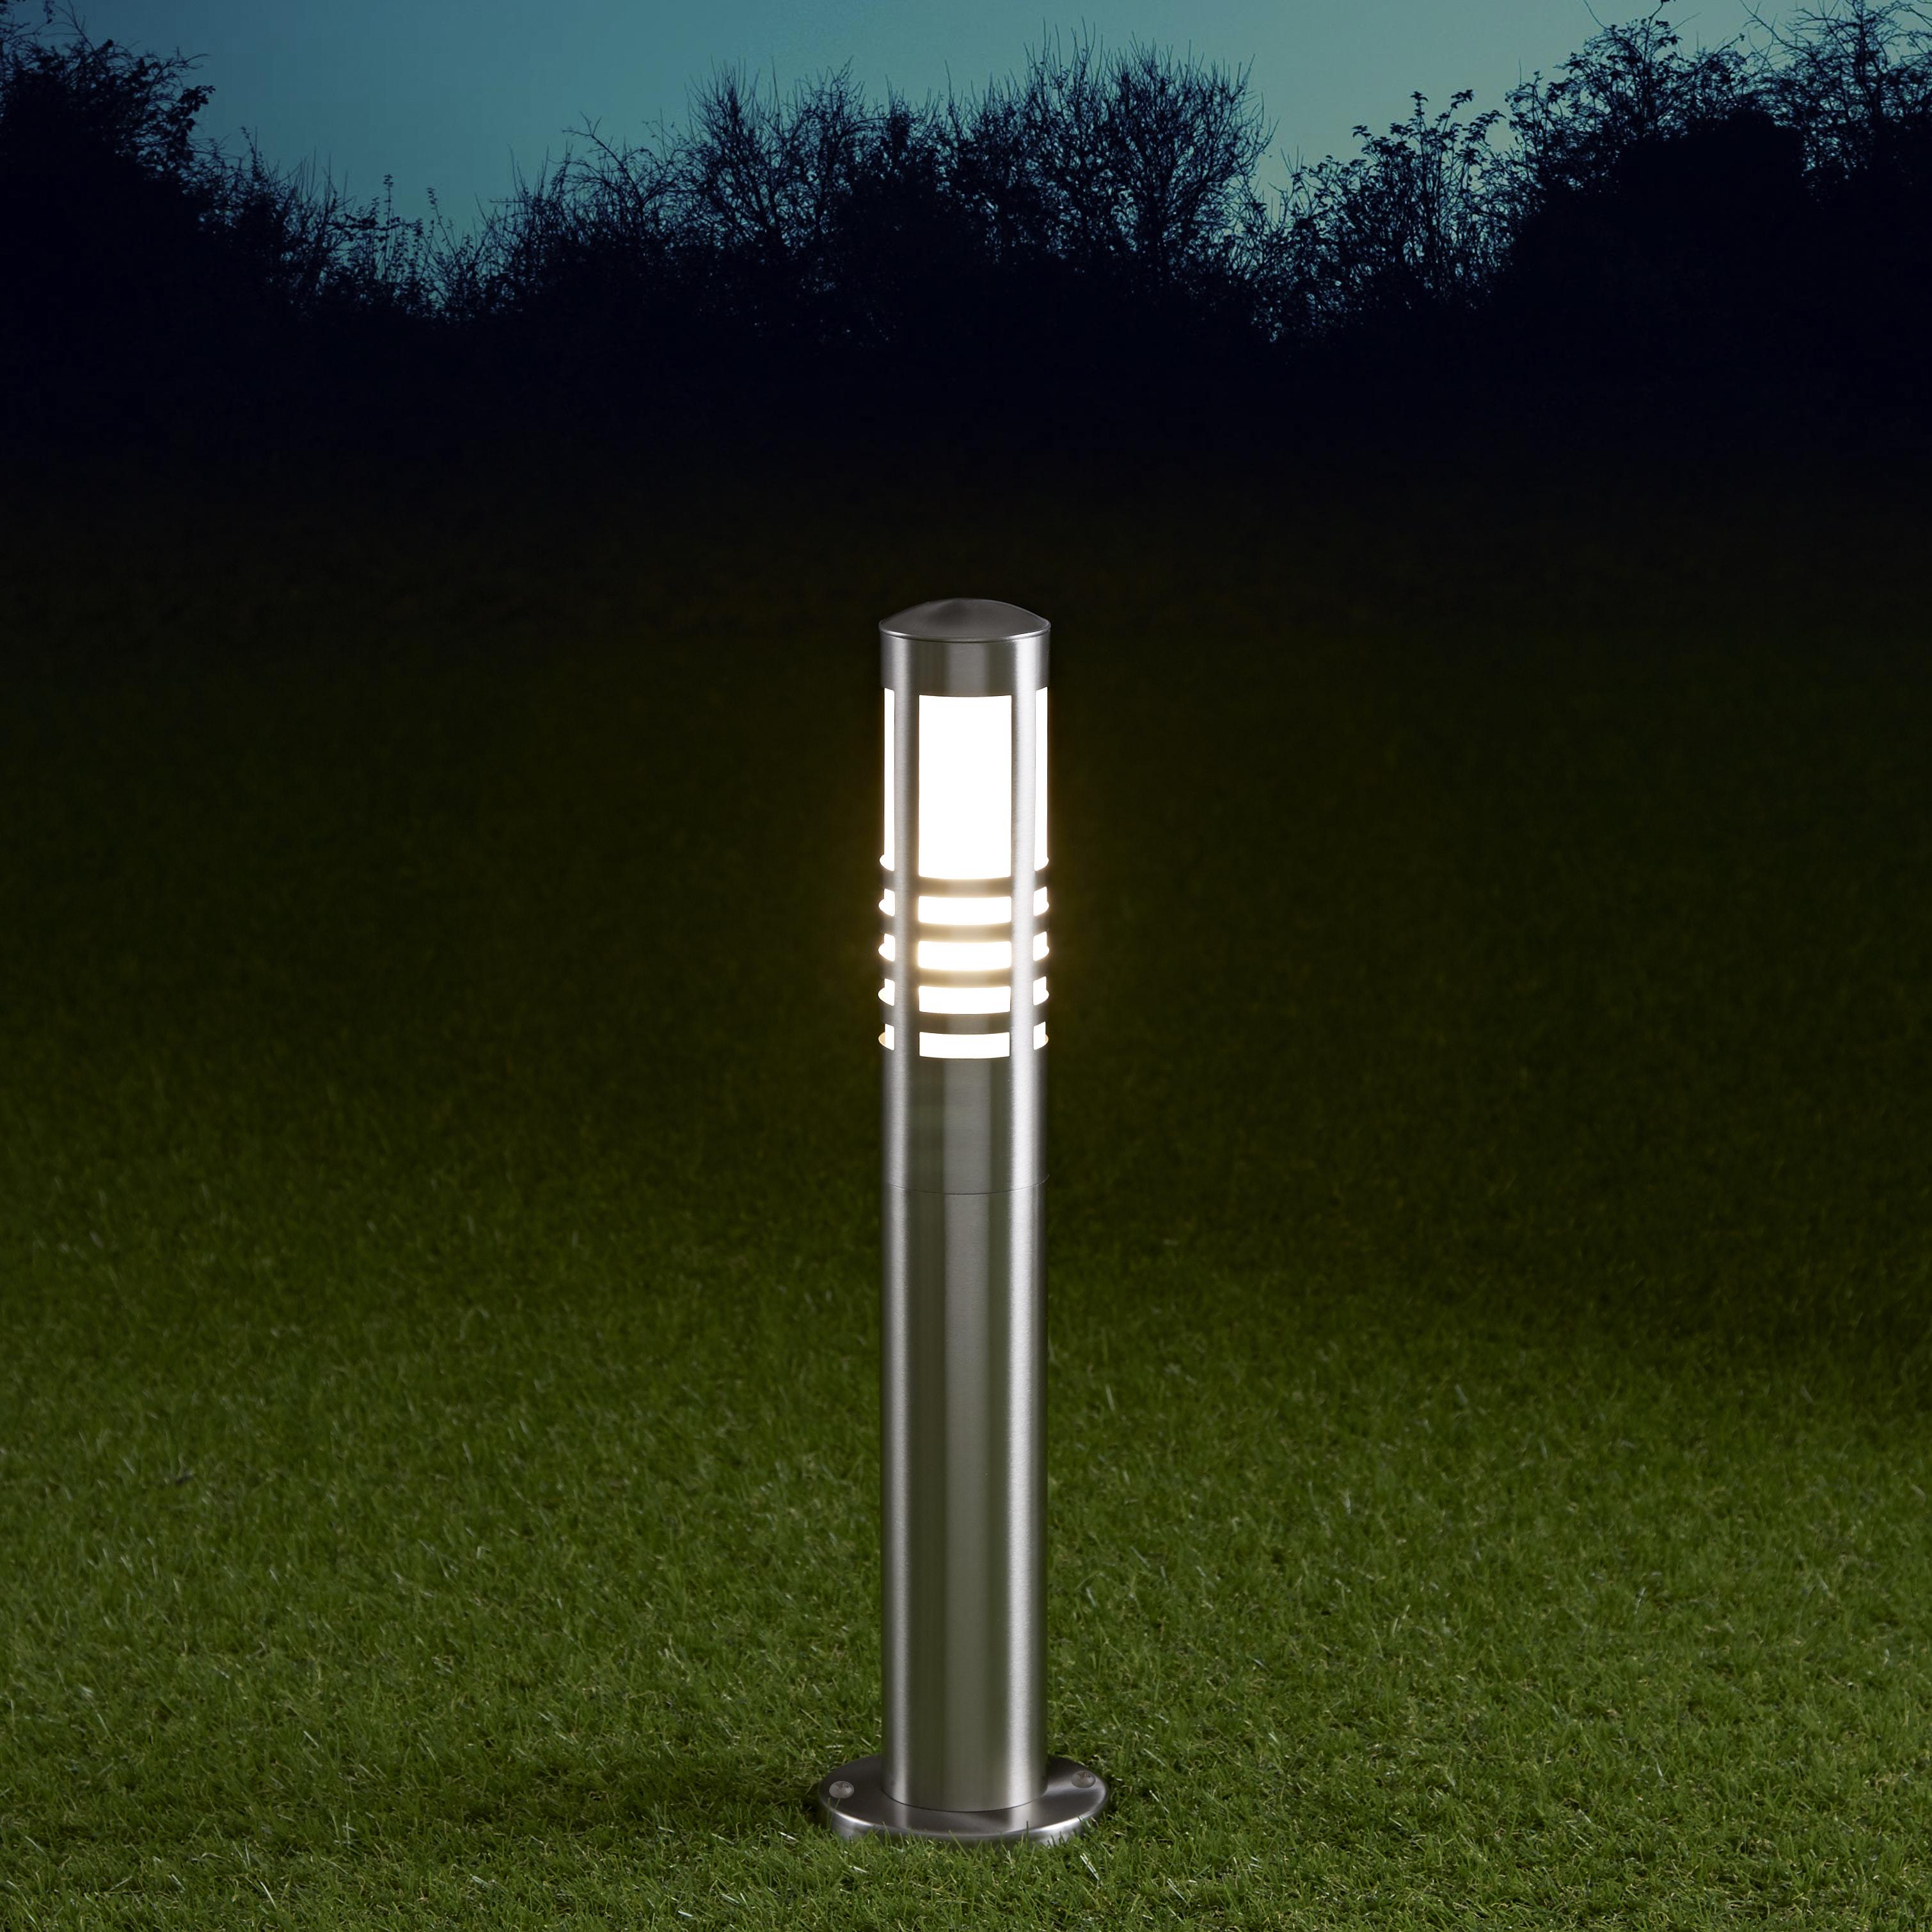 Biard Orleans 450mm Pollerleuchte Edelstahl Chrom inklusive Leuchtmittel